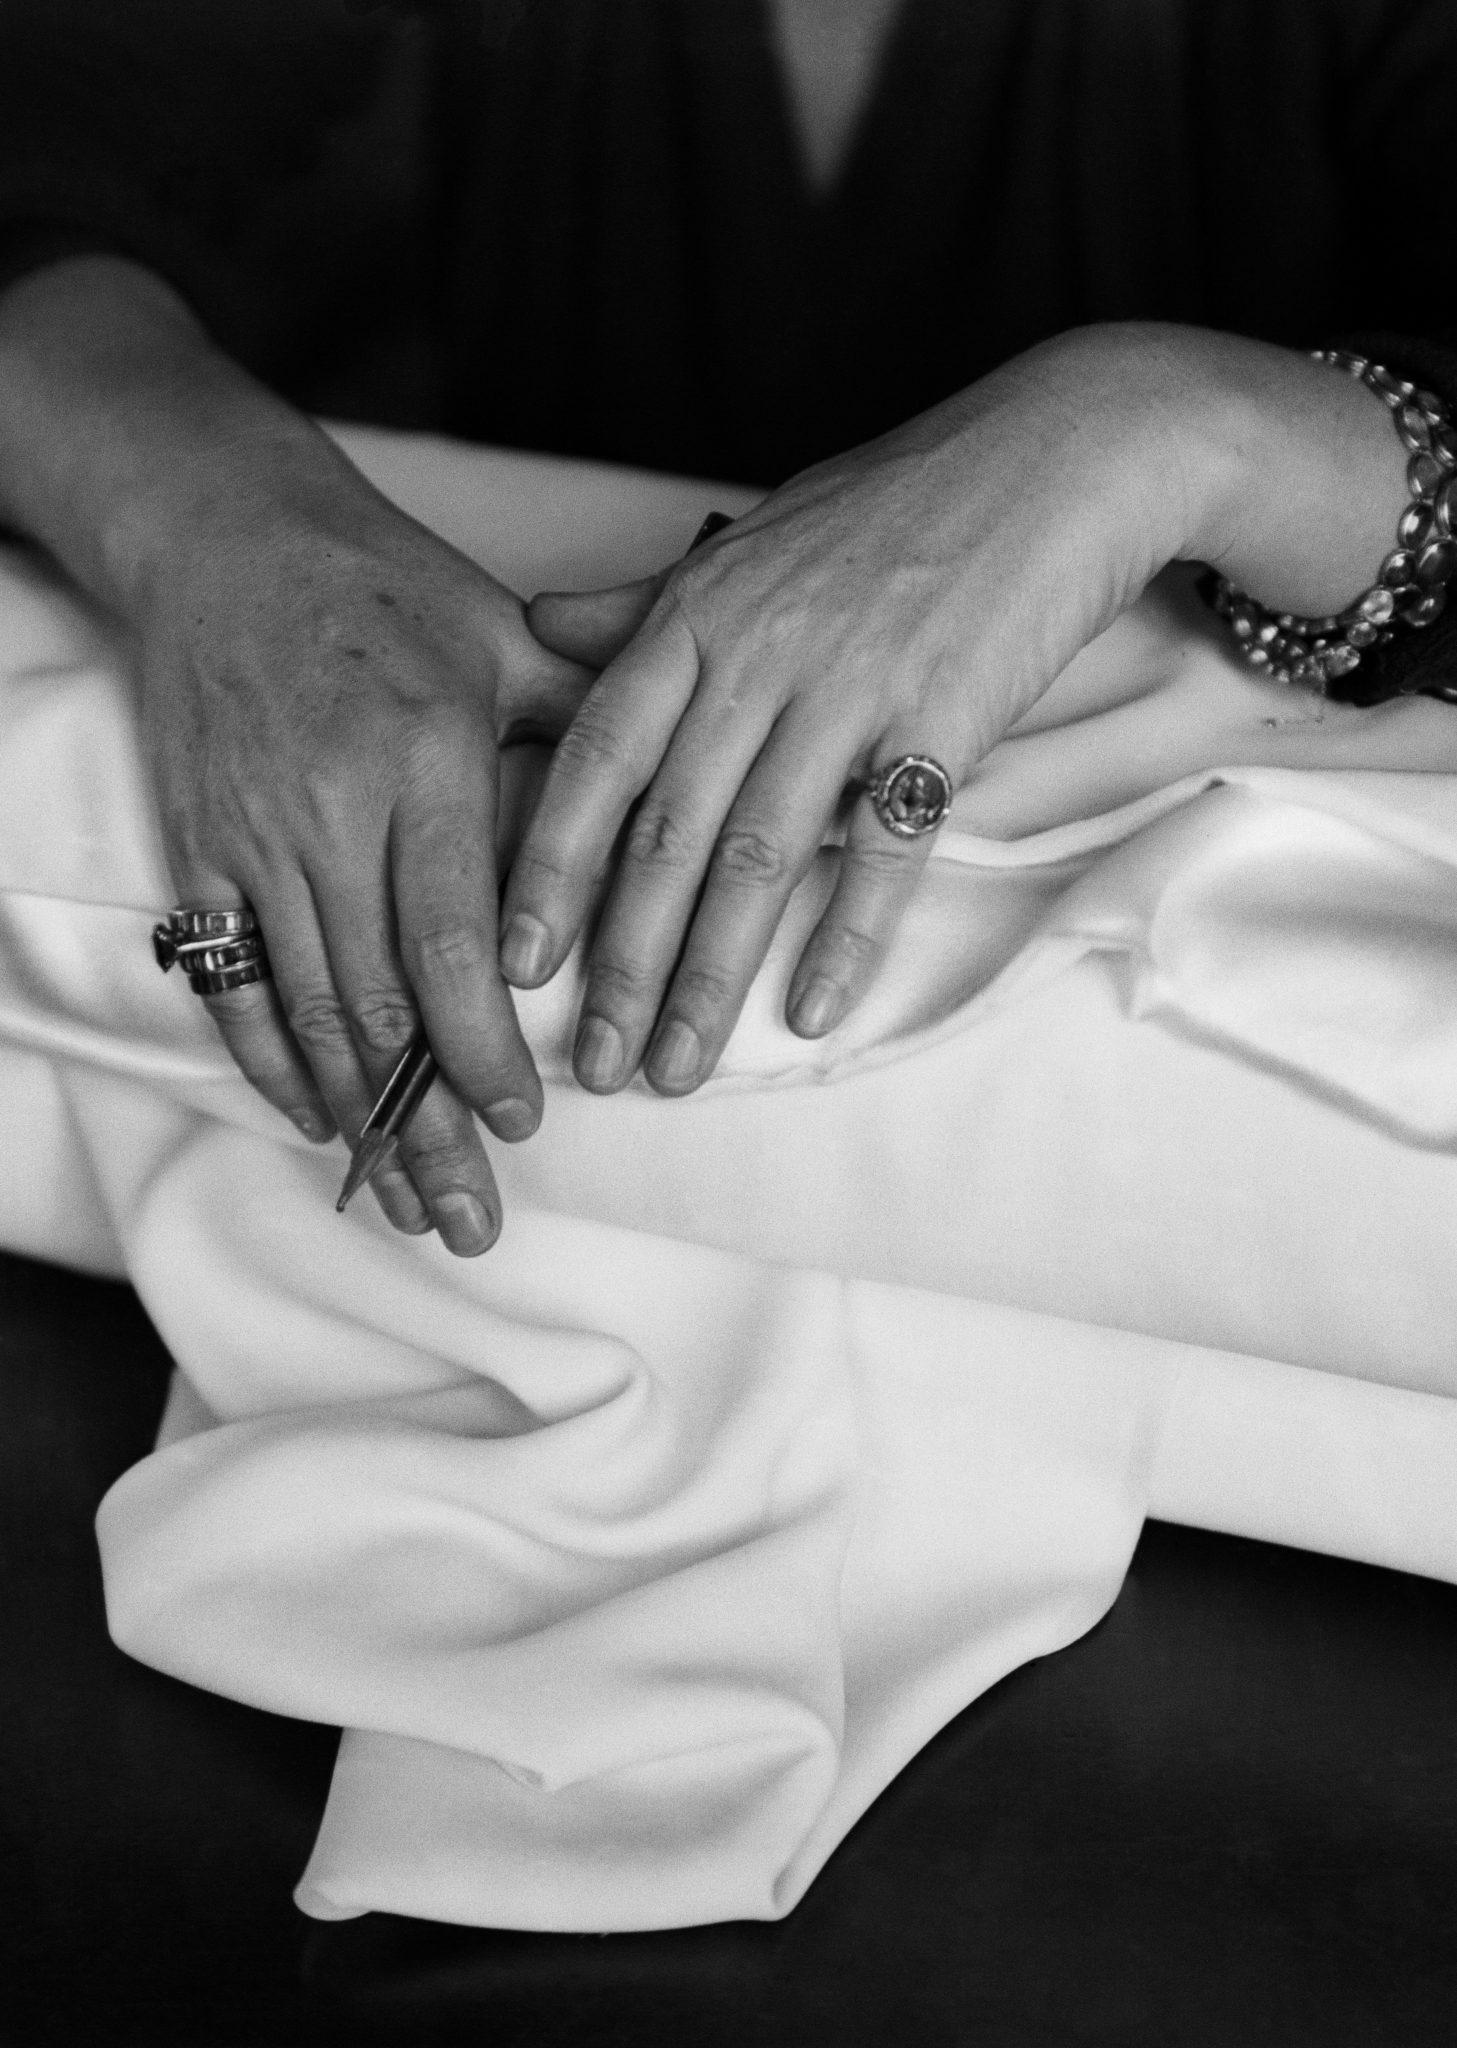 Les mains de Gabrielle Chanel Esprit de Gabrielle espritdegabrielle.com